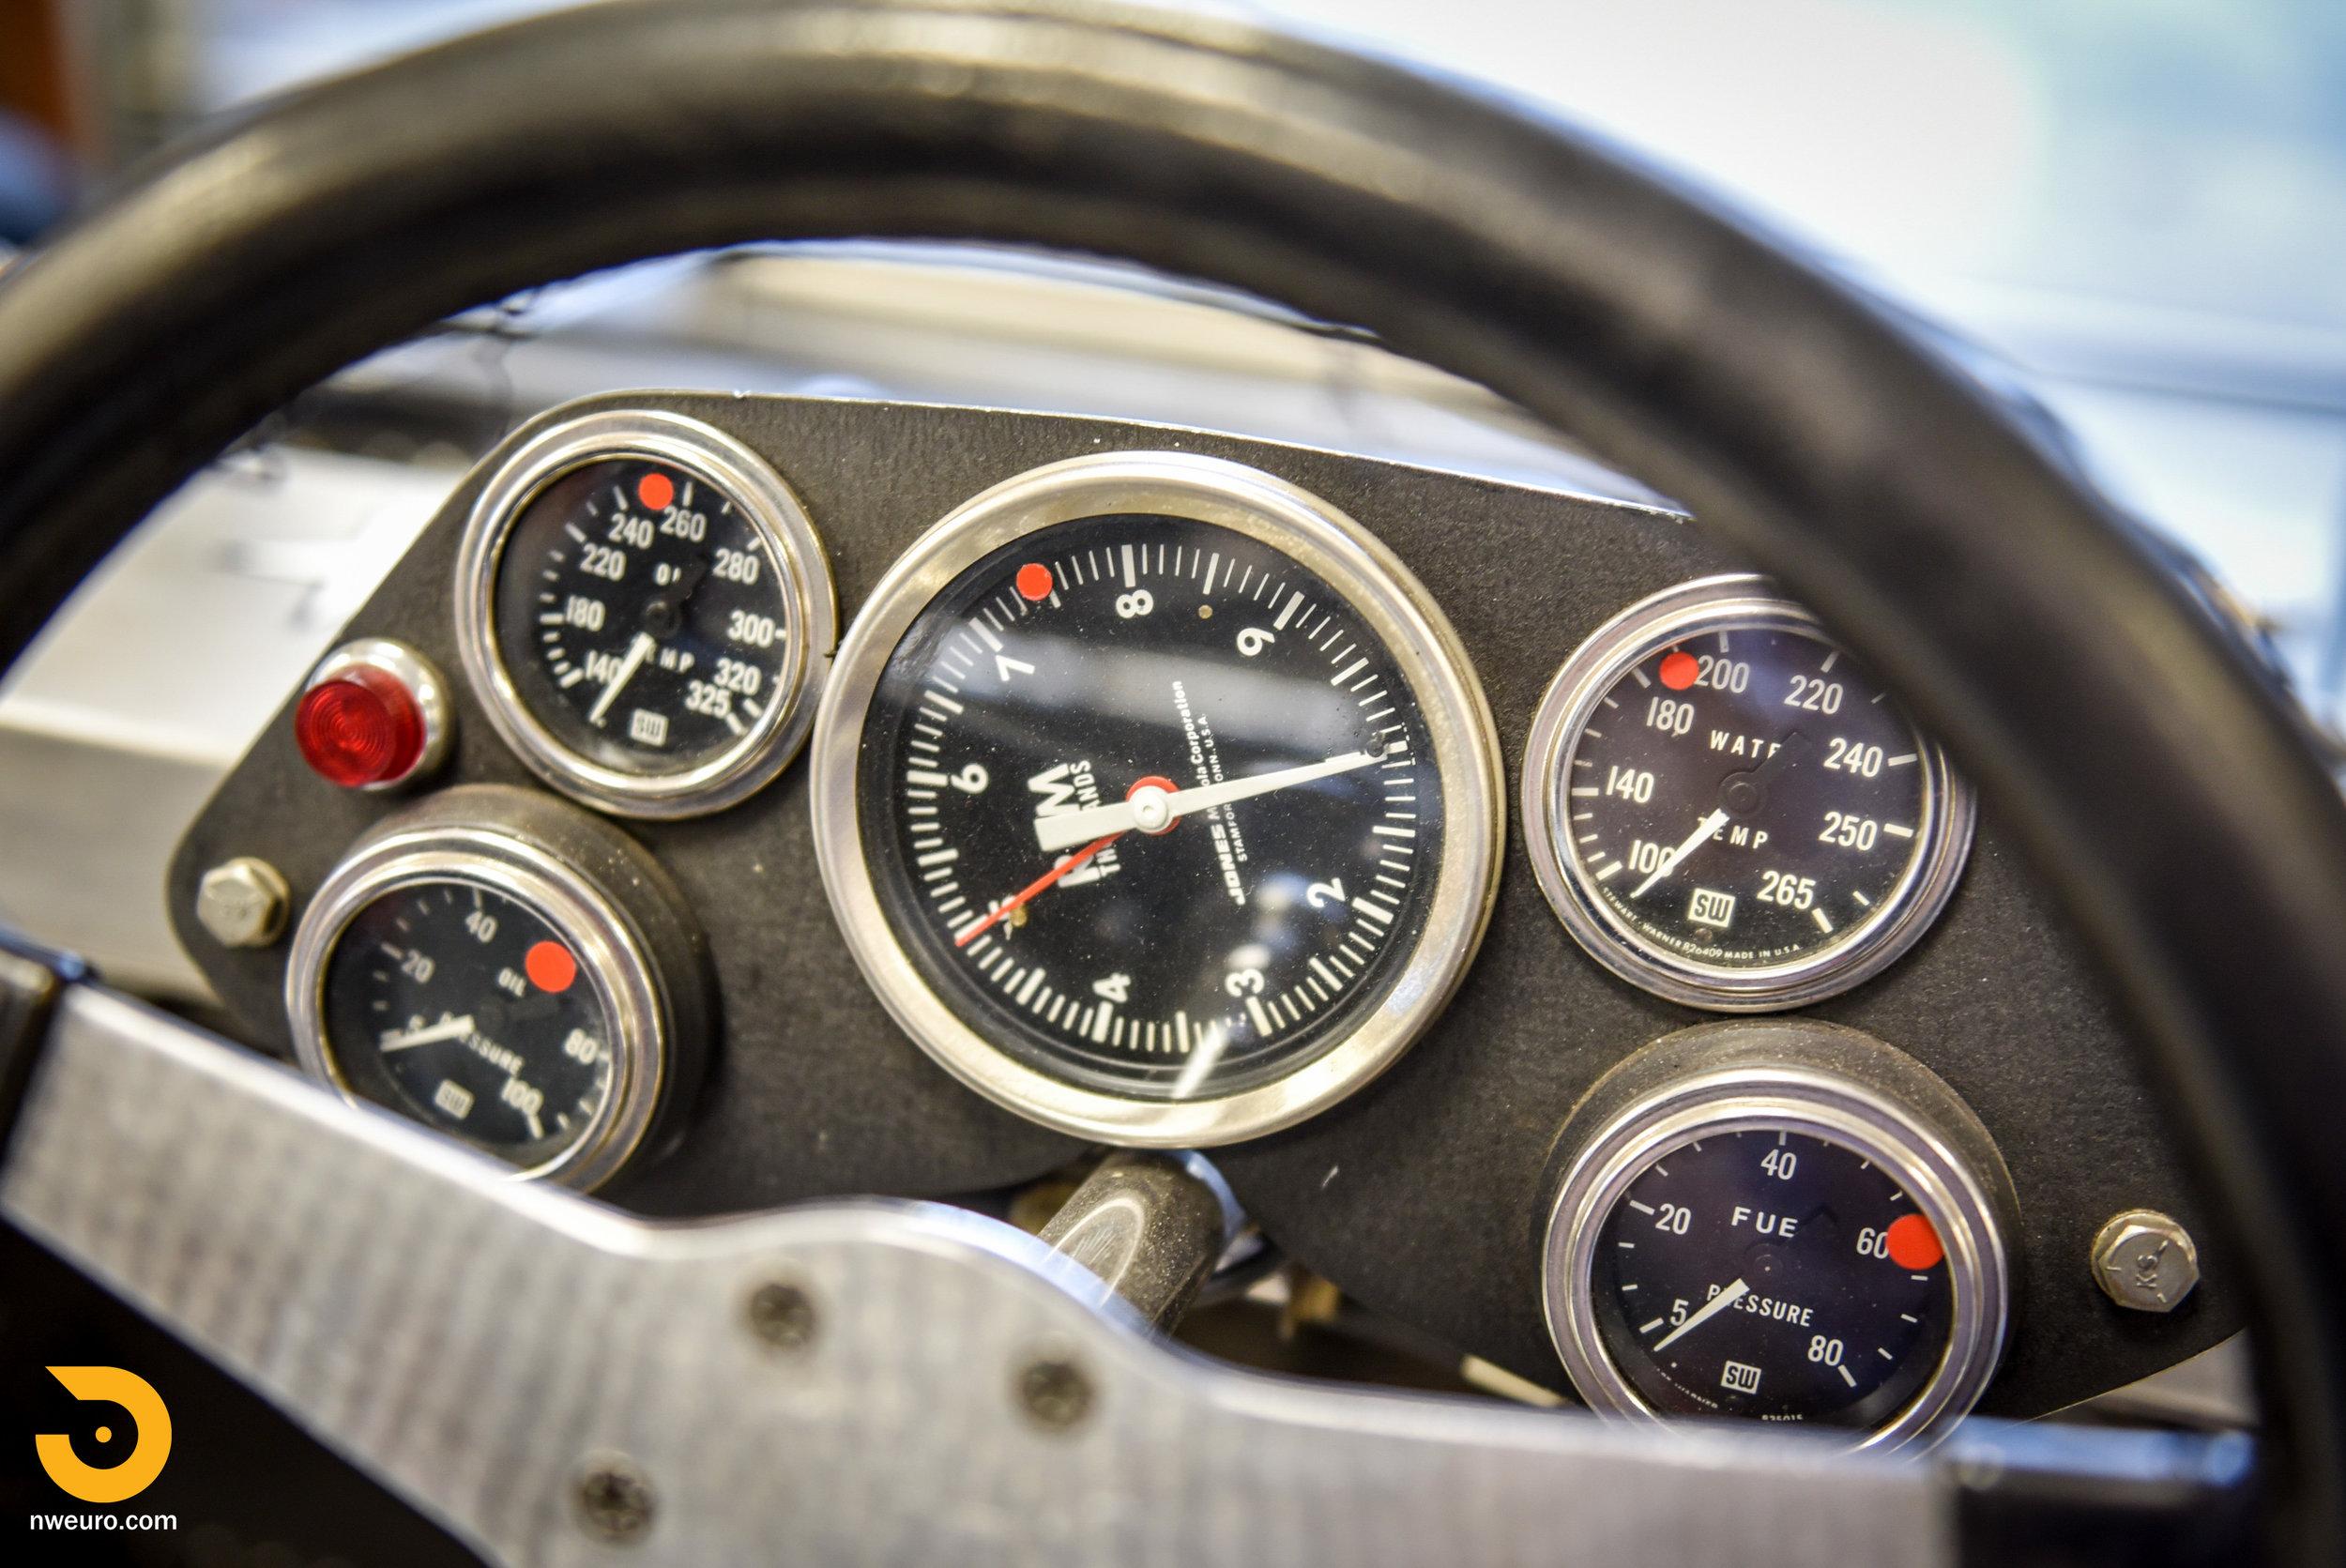 1969 Lola T162 Can-Am Race Car-10.jpg